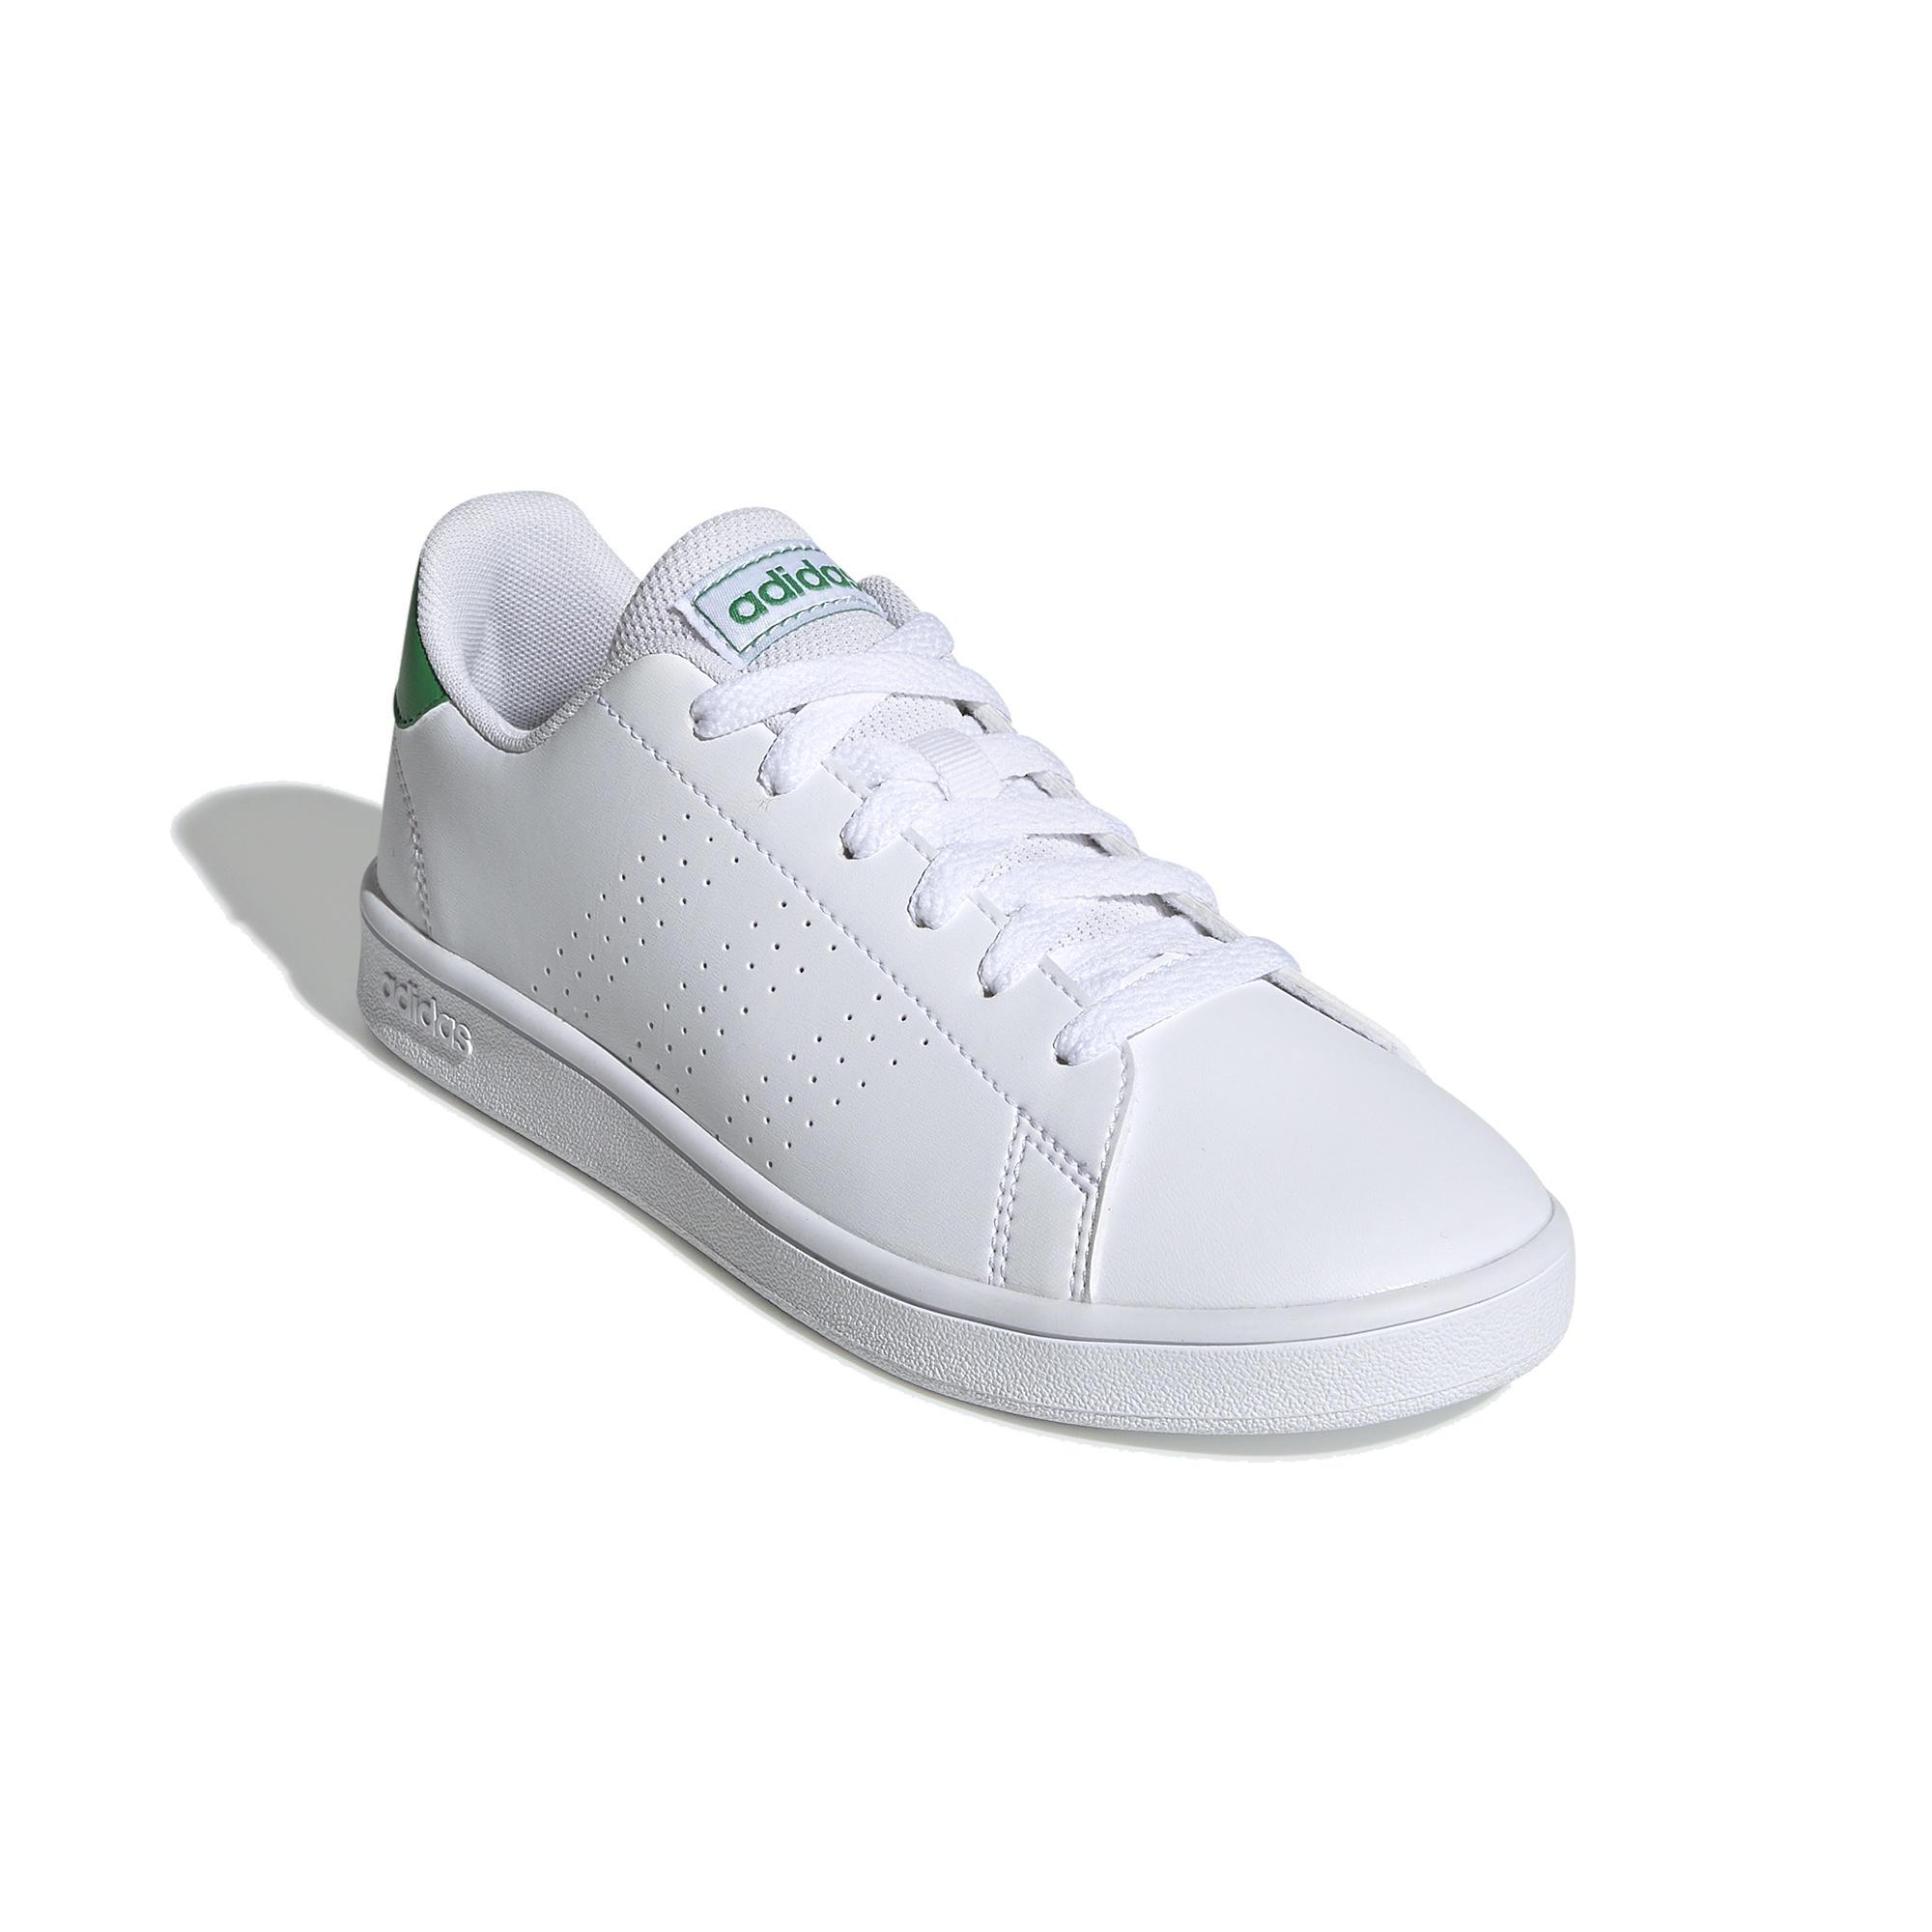 Advantage Clean Kids' Tennis Shoes